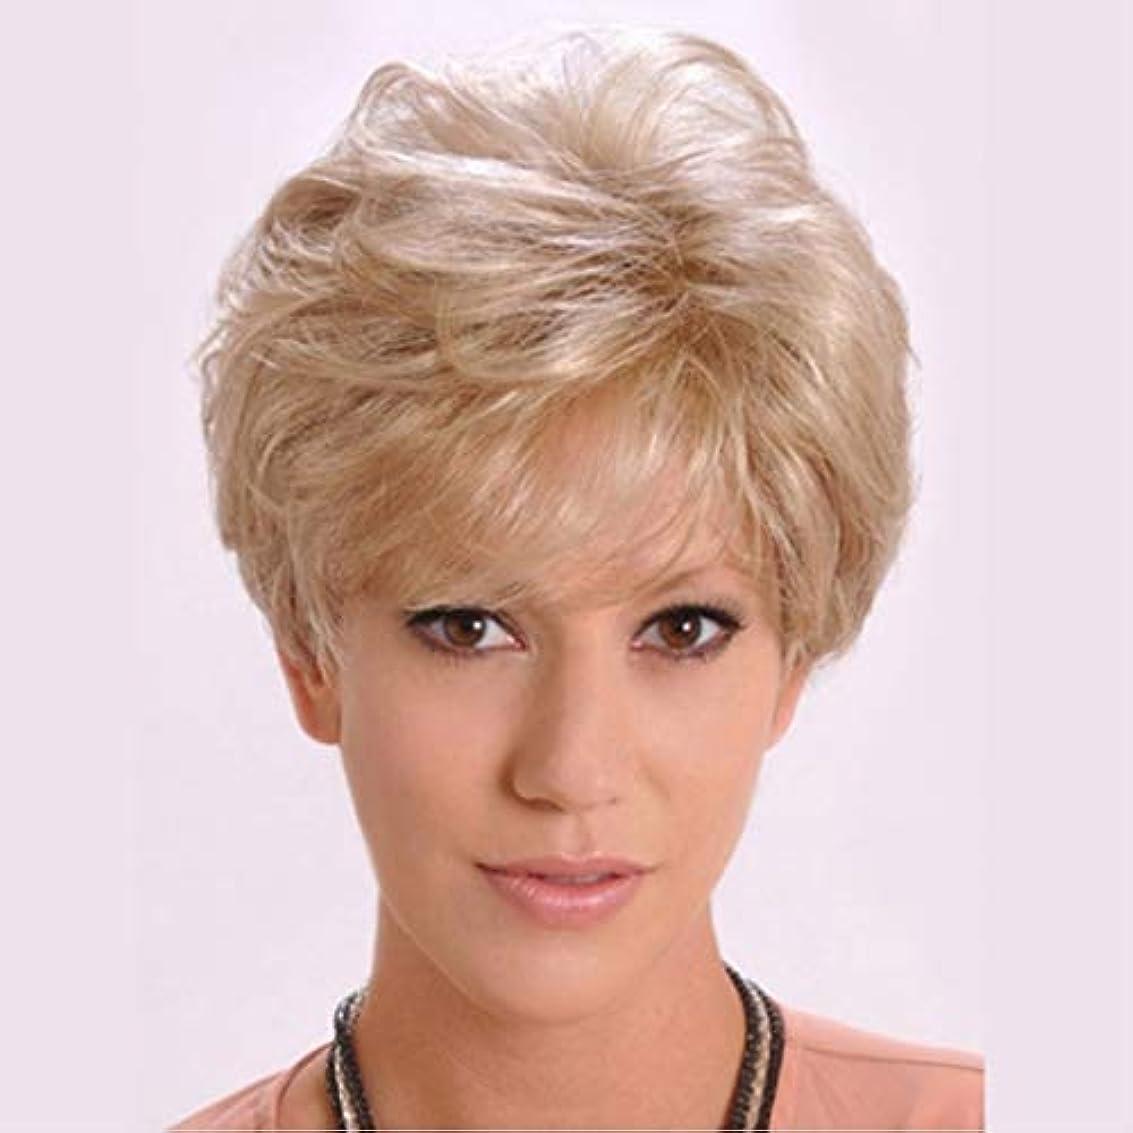 柔和キャロラインコインKerwinner 女性のための短い巻き毛のかつら短い髪のふわふわブロンドの巻き毛のかつら (Color : Light brown)